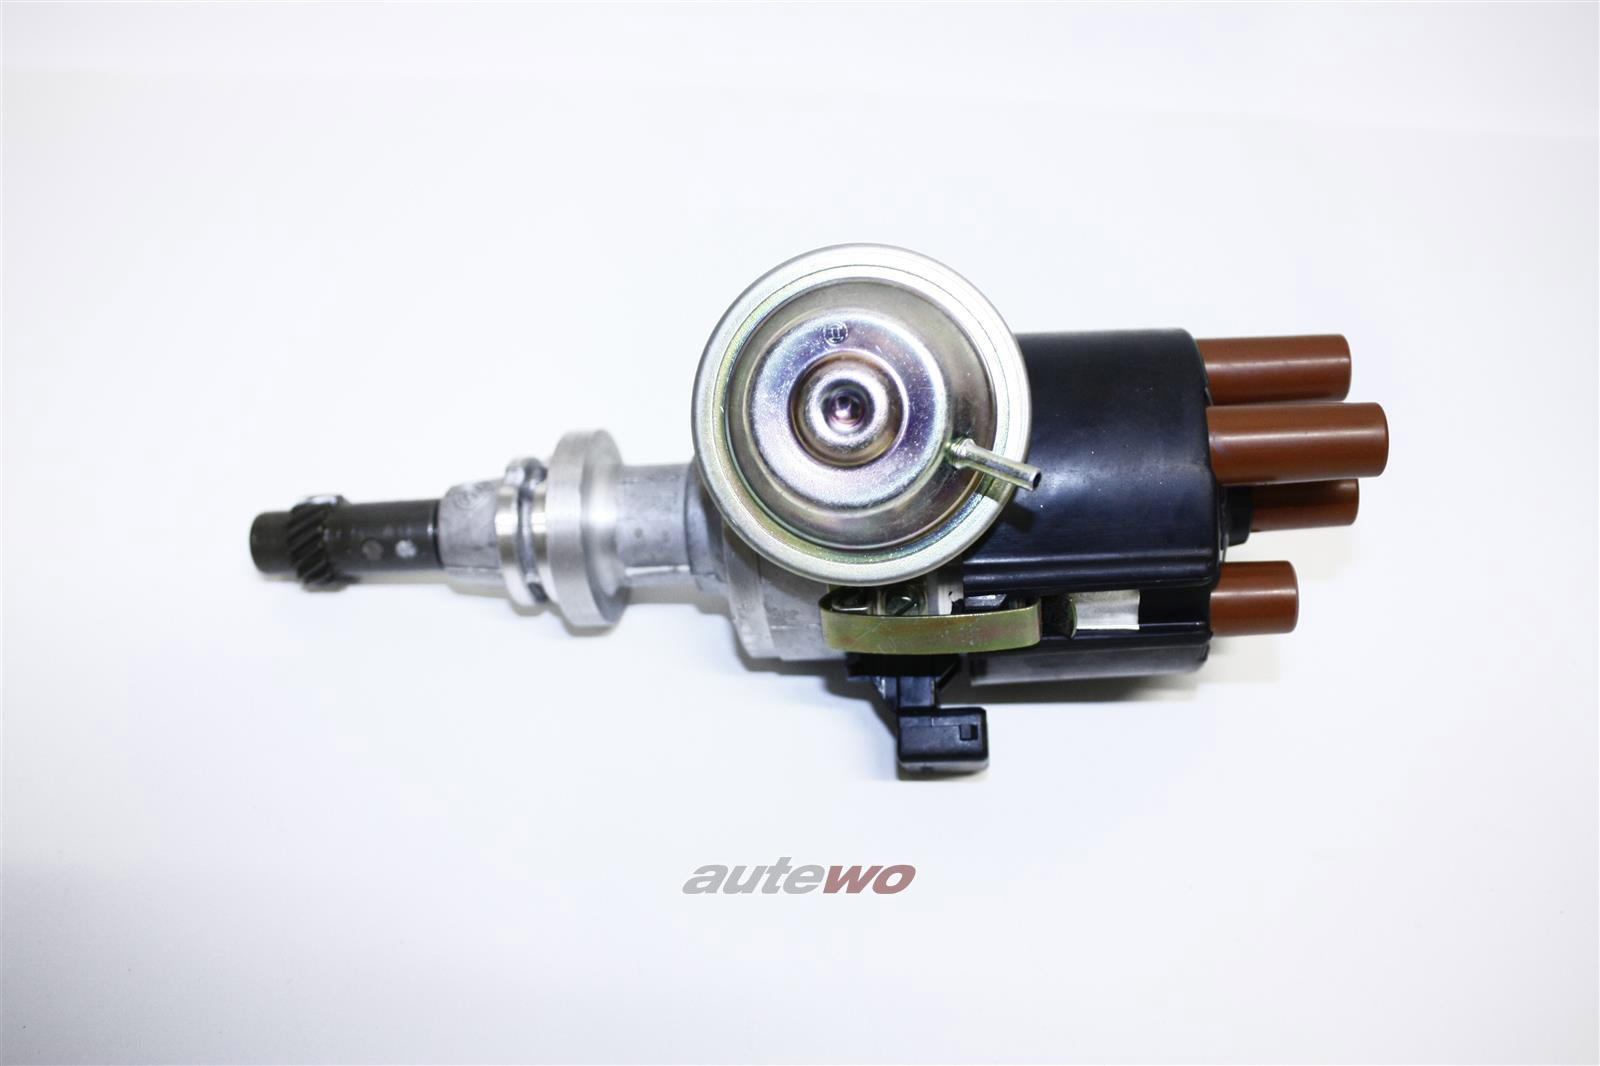 034905205B 02370231021 NEU Audi/VW 90/Coupe 81/100 44 2.2l 5 Zyl Zündverteiler